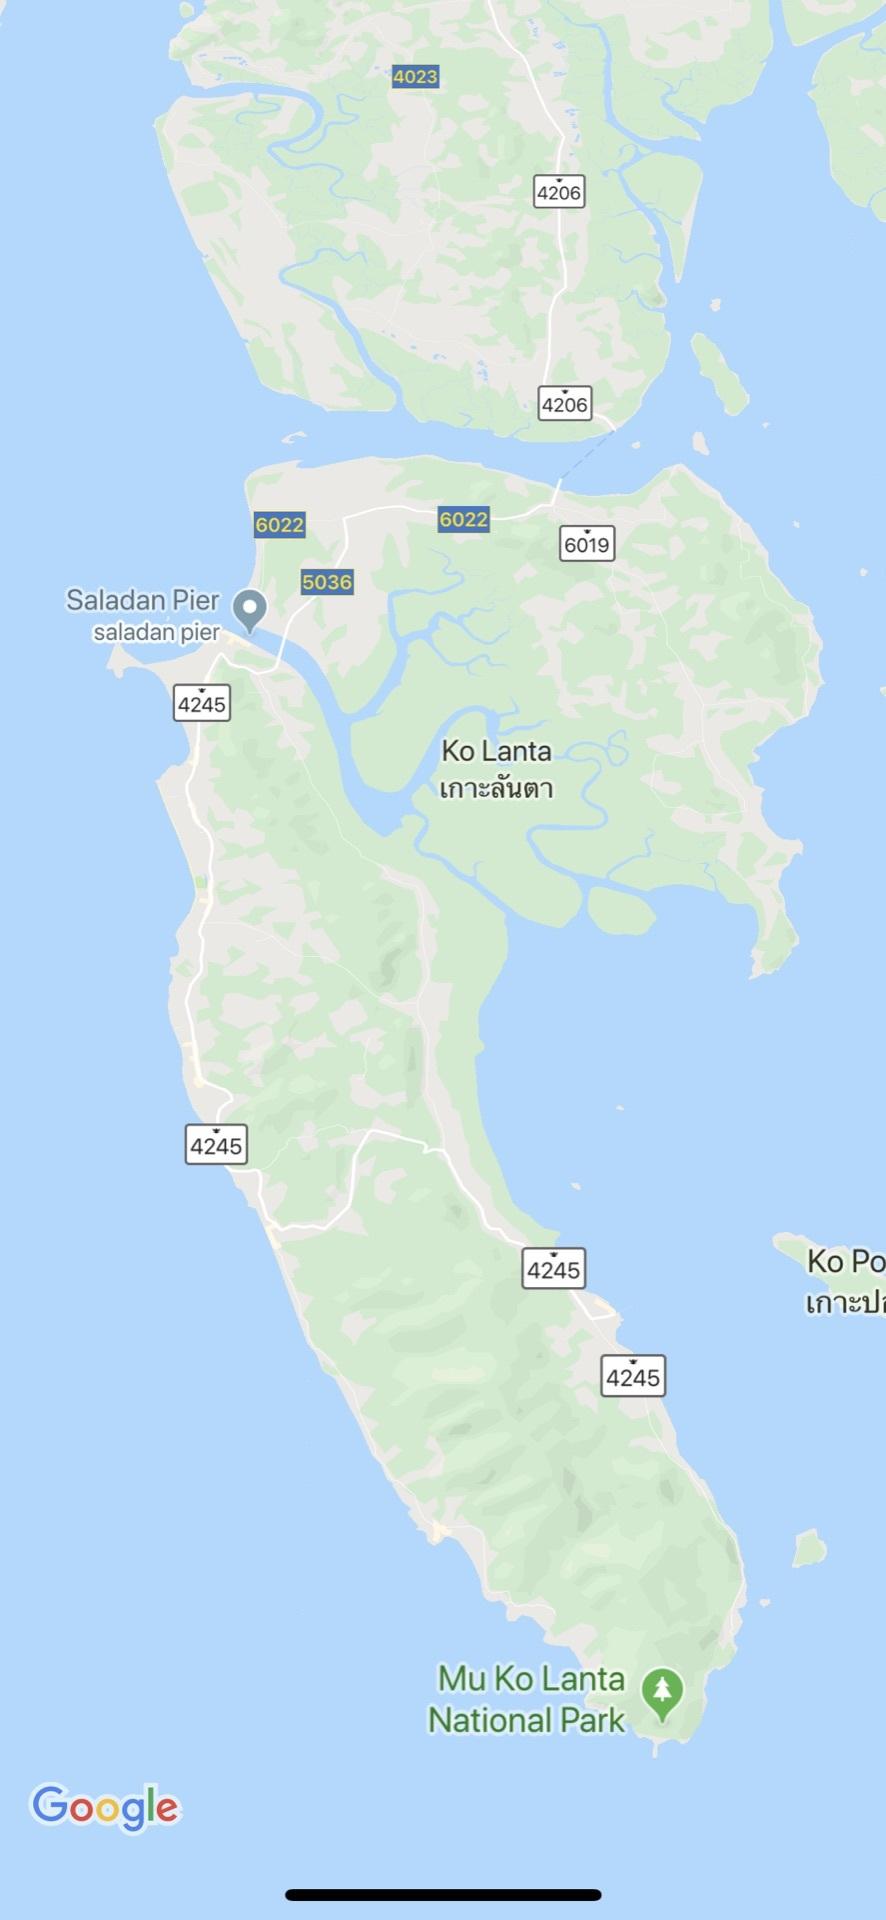 兰塔岛,兰达岛旅游攻略 - 马蜂窝